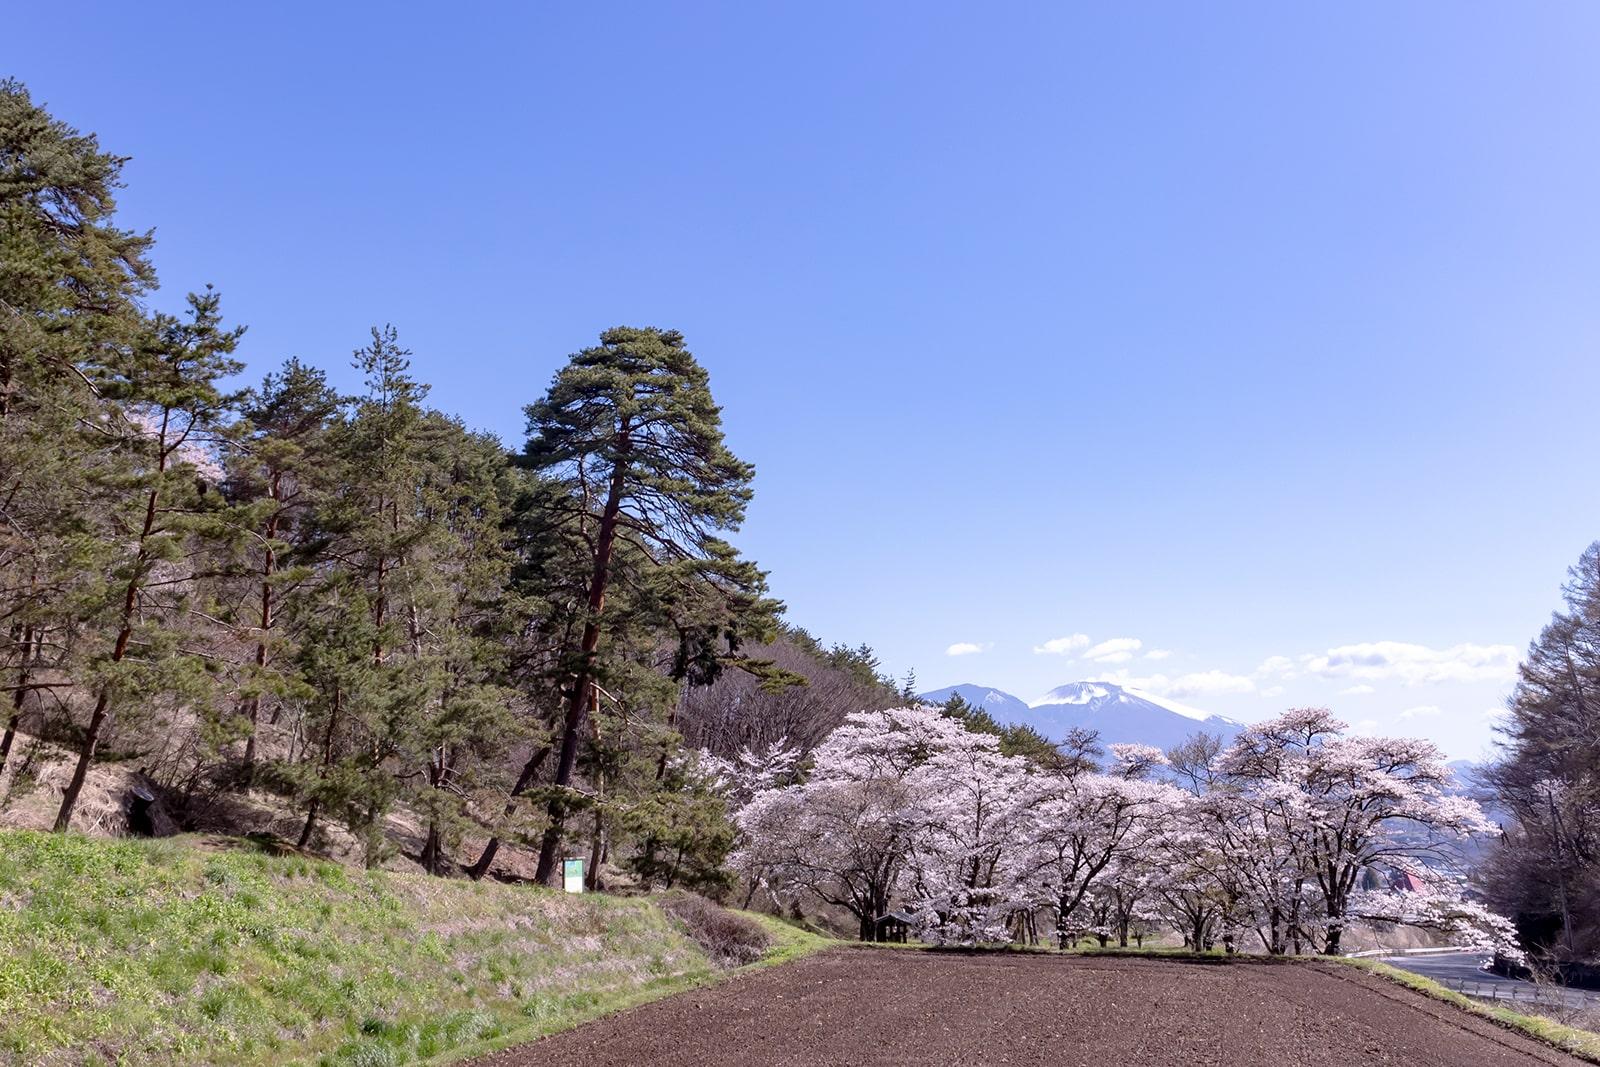 中山道でも数少ない松並木の残る笠取峠の松並木公園に咲く桜と浅間山